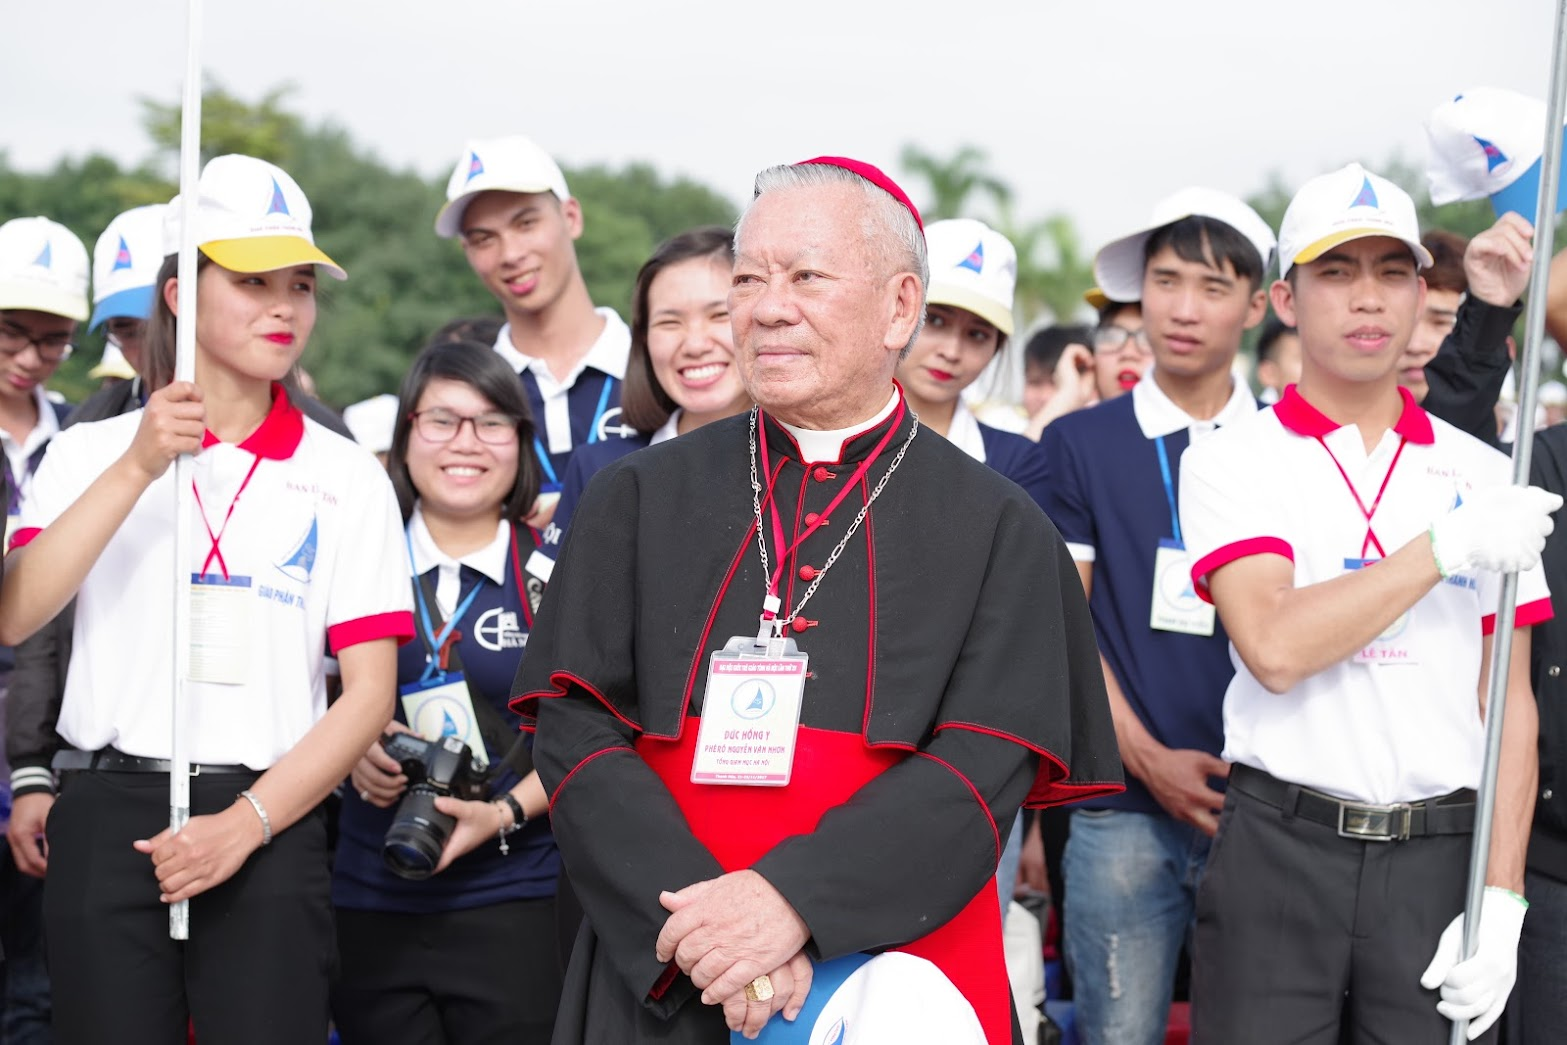 Những hình ảnh đẹp về lễ khai mạc Đại Hội Giới Trẻ giáo tỉnh Hà Nội lần thứ XV tại Thanh Hóa - Ảnh minh hoạ 26